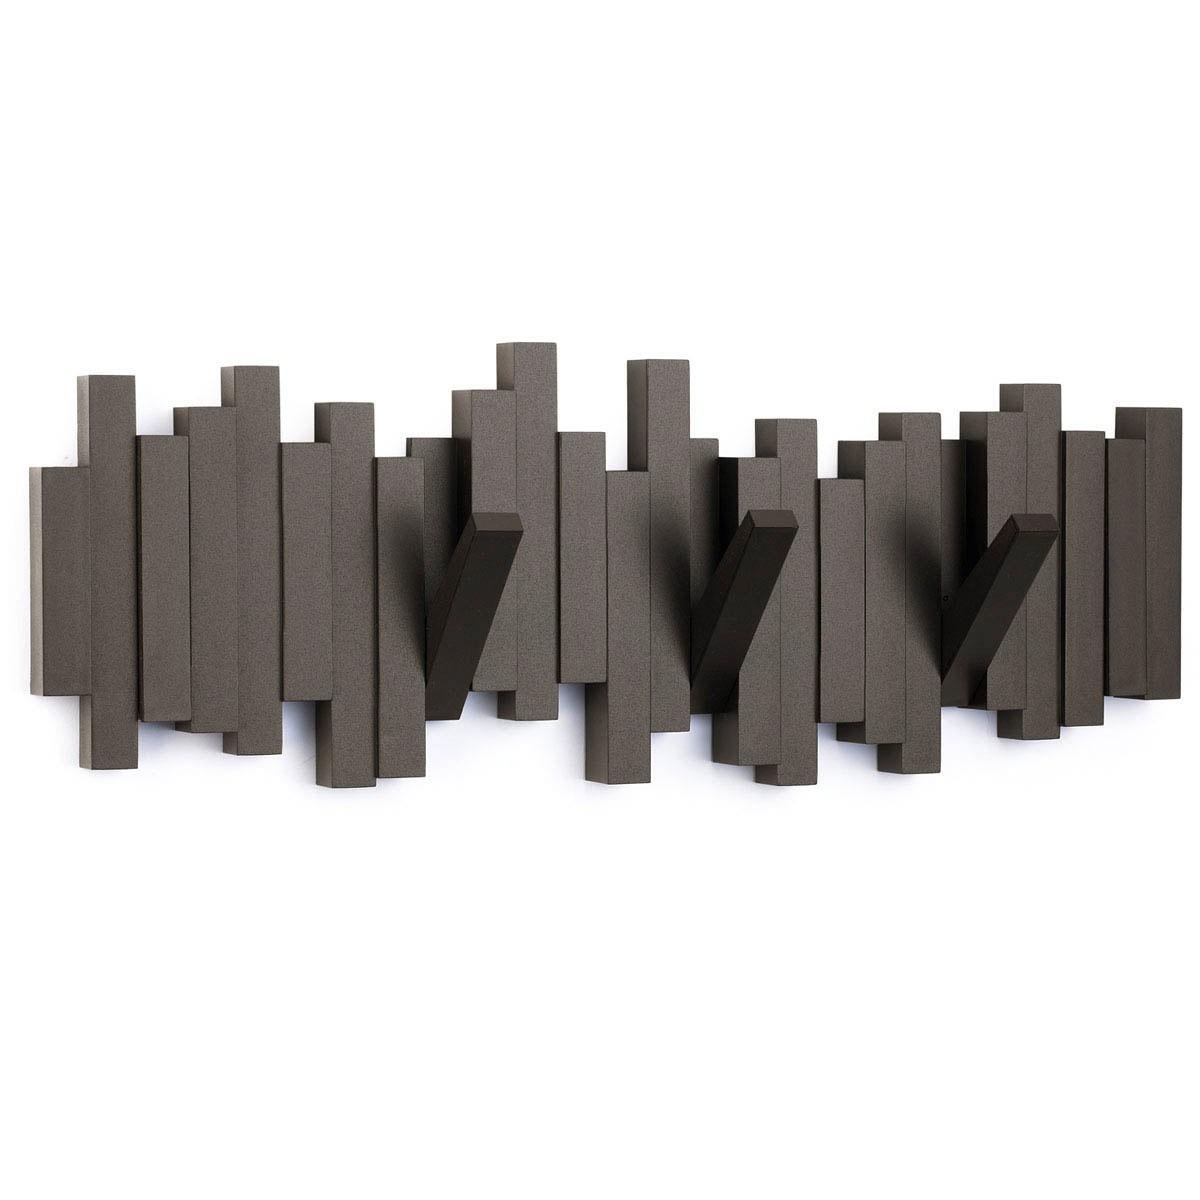 Κρεμάστρα Τοίχου Marva Sticks Brown 318211-213 home   διακόσμηση   κλειδοθήκες   κρεμάστρες